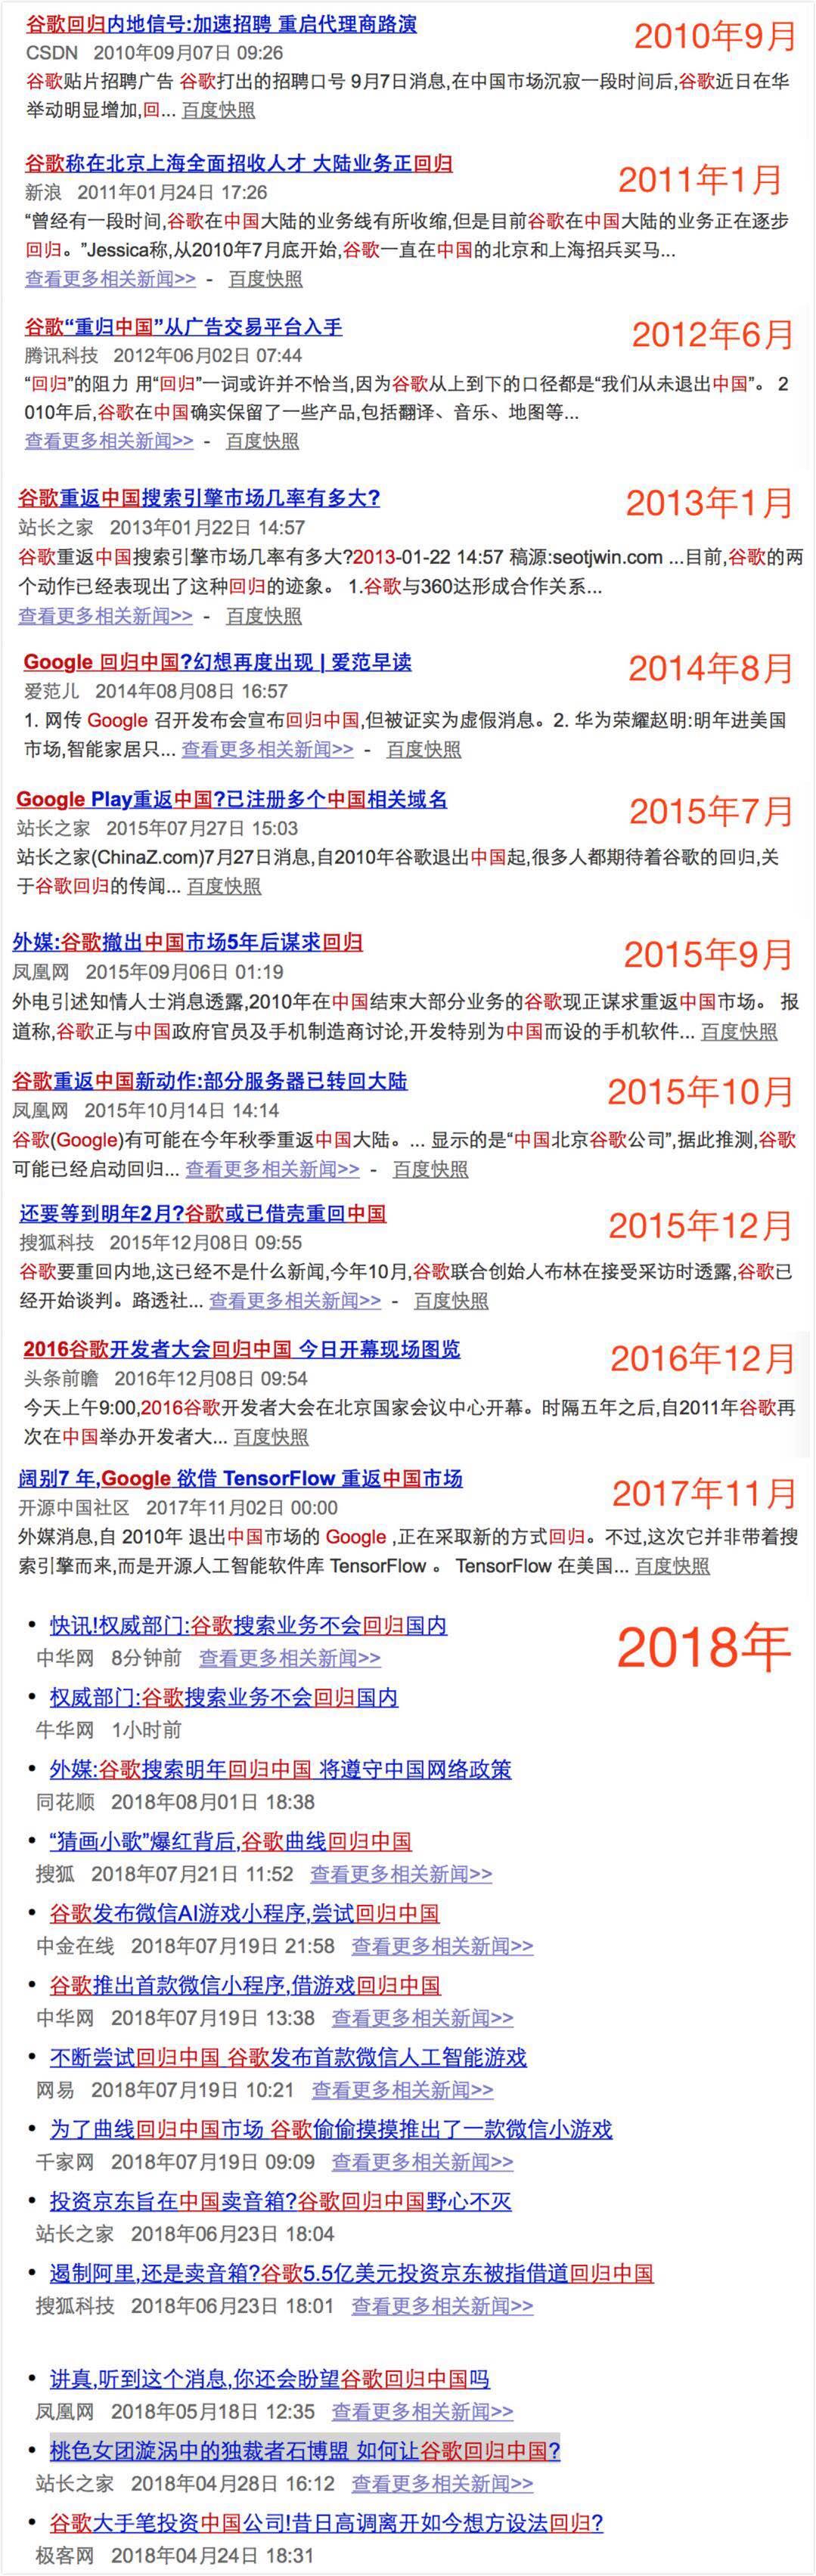 传了将近8年,但显然谷歌不会回归中国